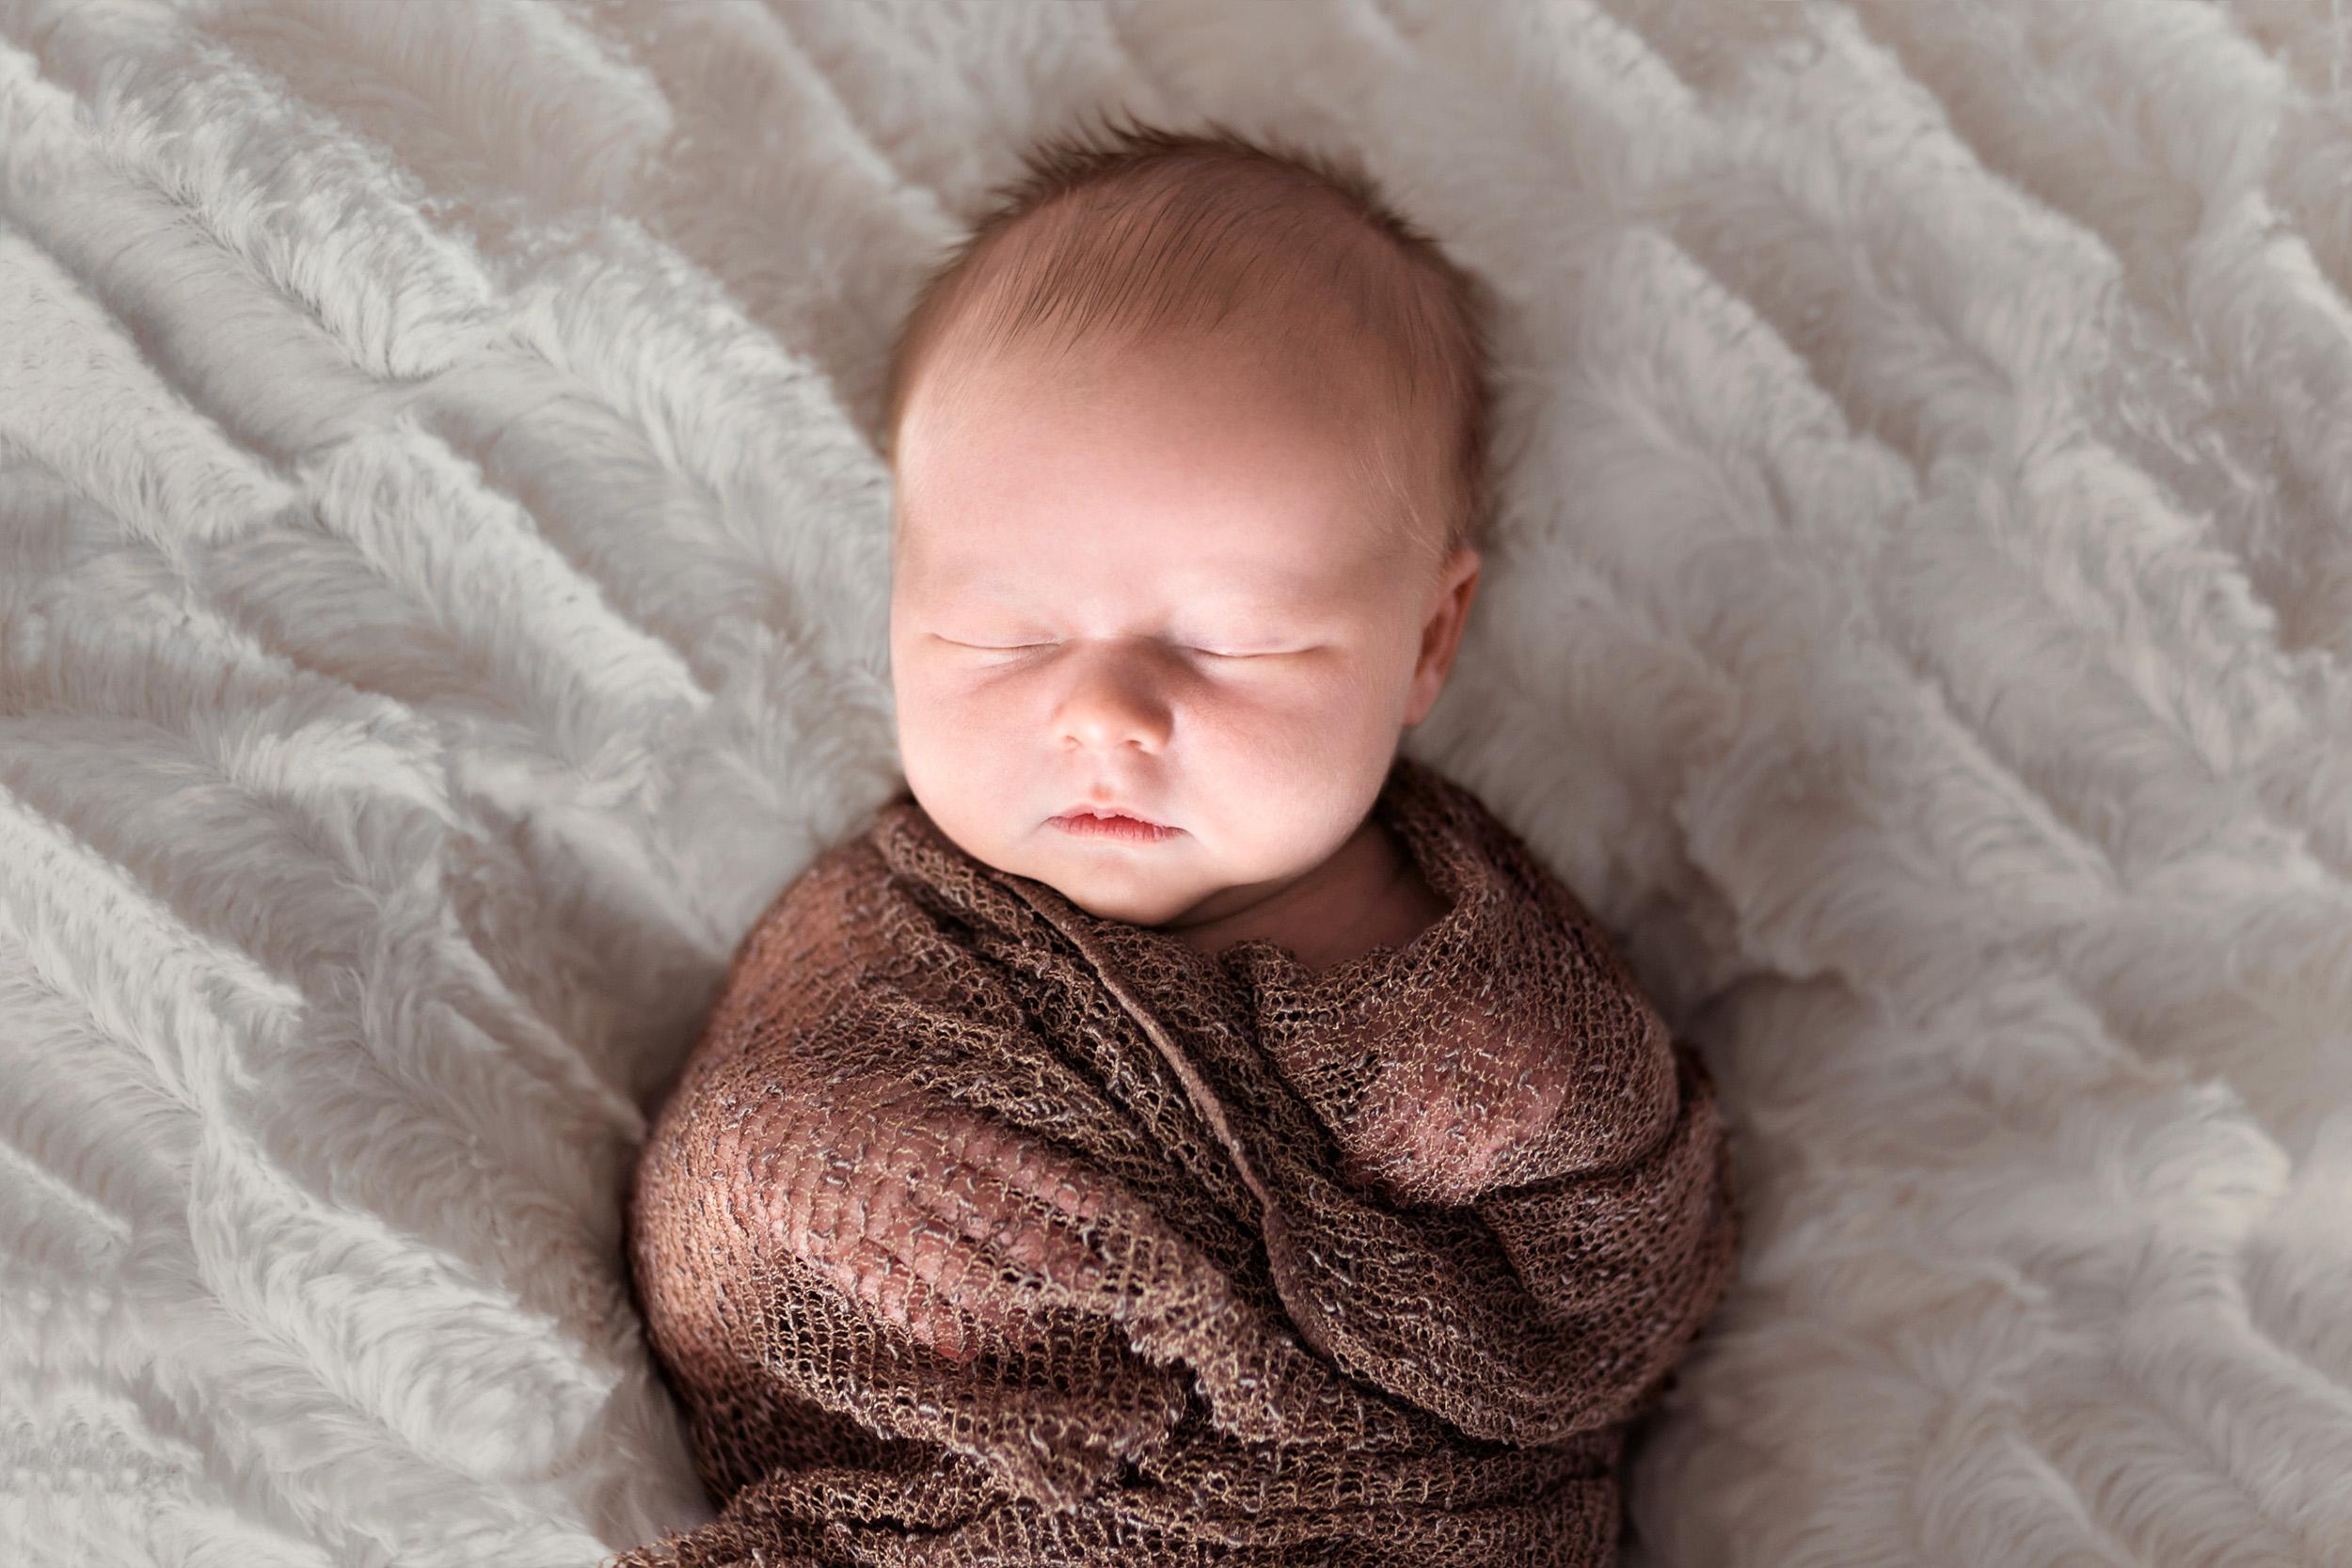 BabyEverett-Newborn-05.jpg